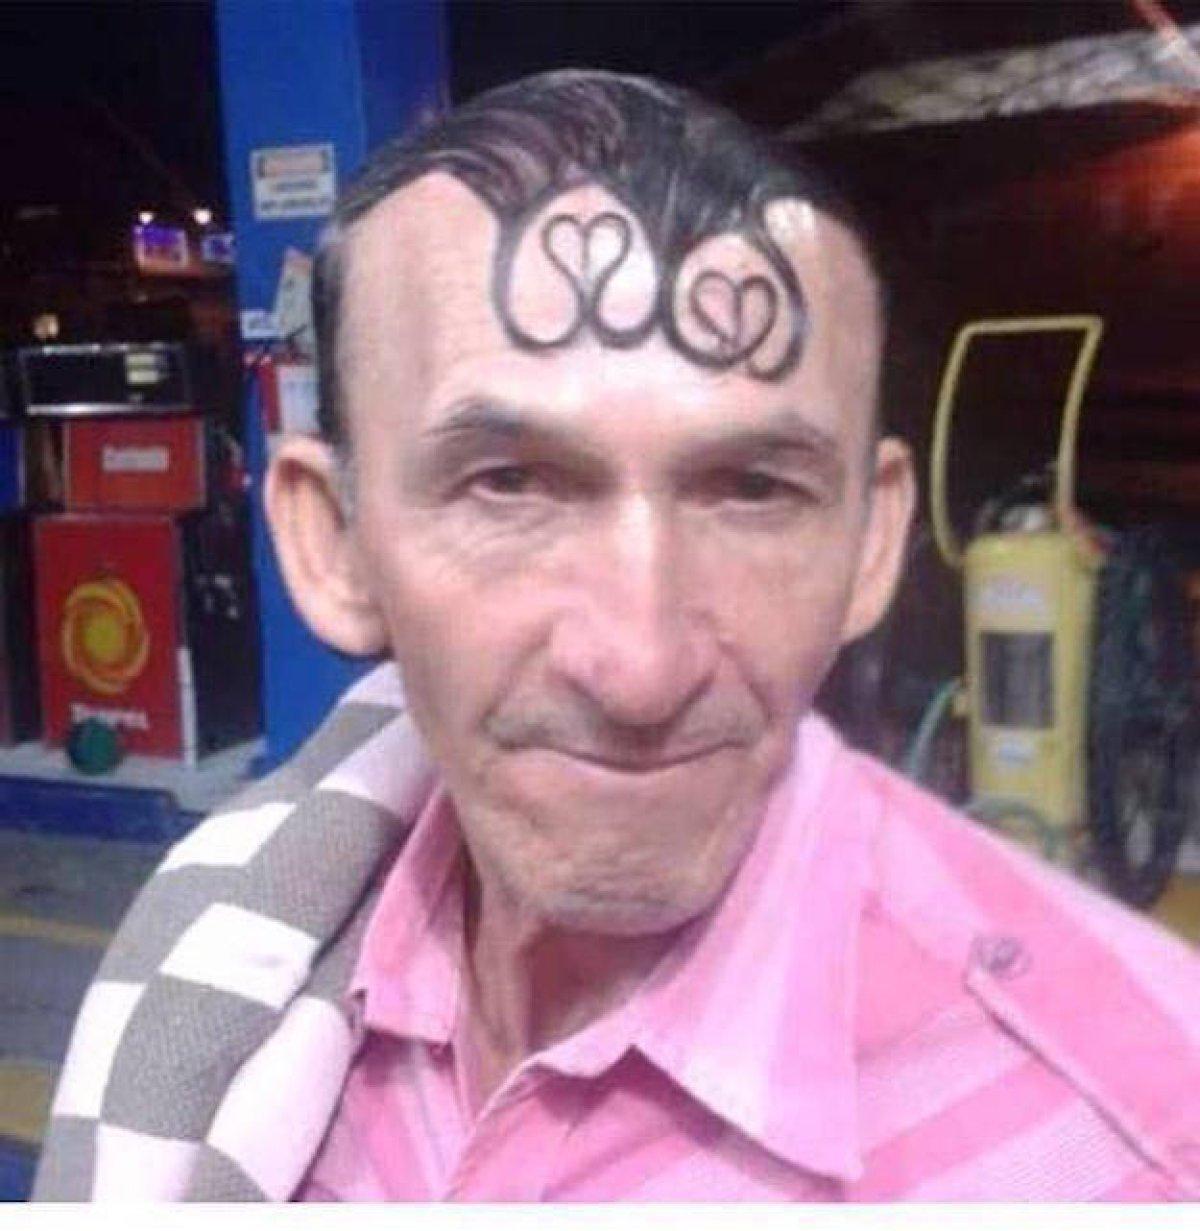 Saç Stilleriyle Tarz Olmak İsterken Gözlerimizi Kanatan 17 İnsan - 1